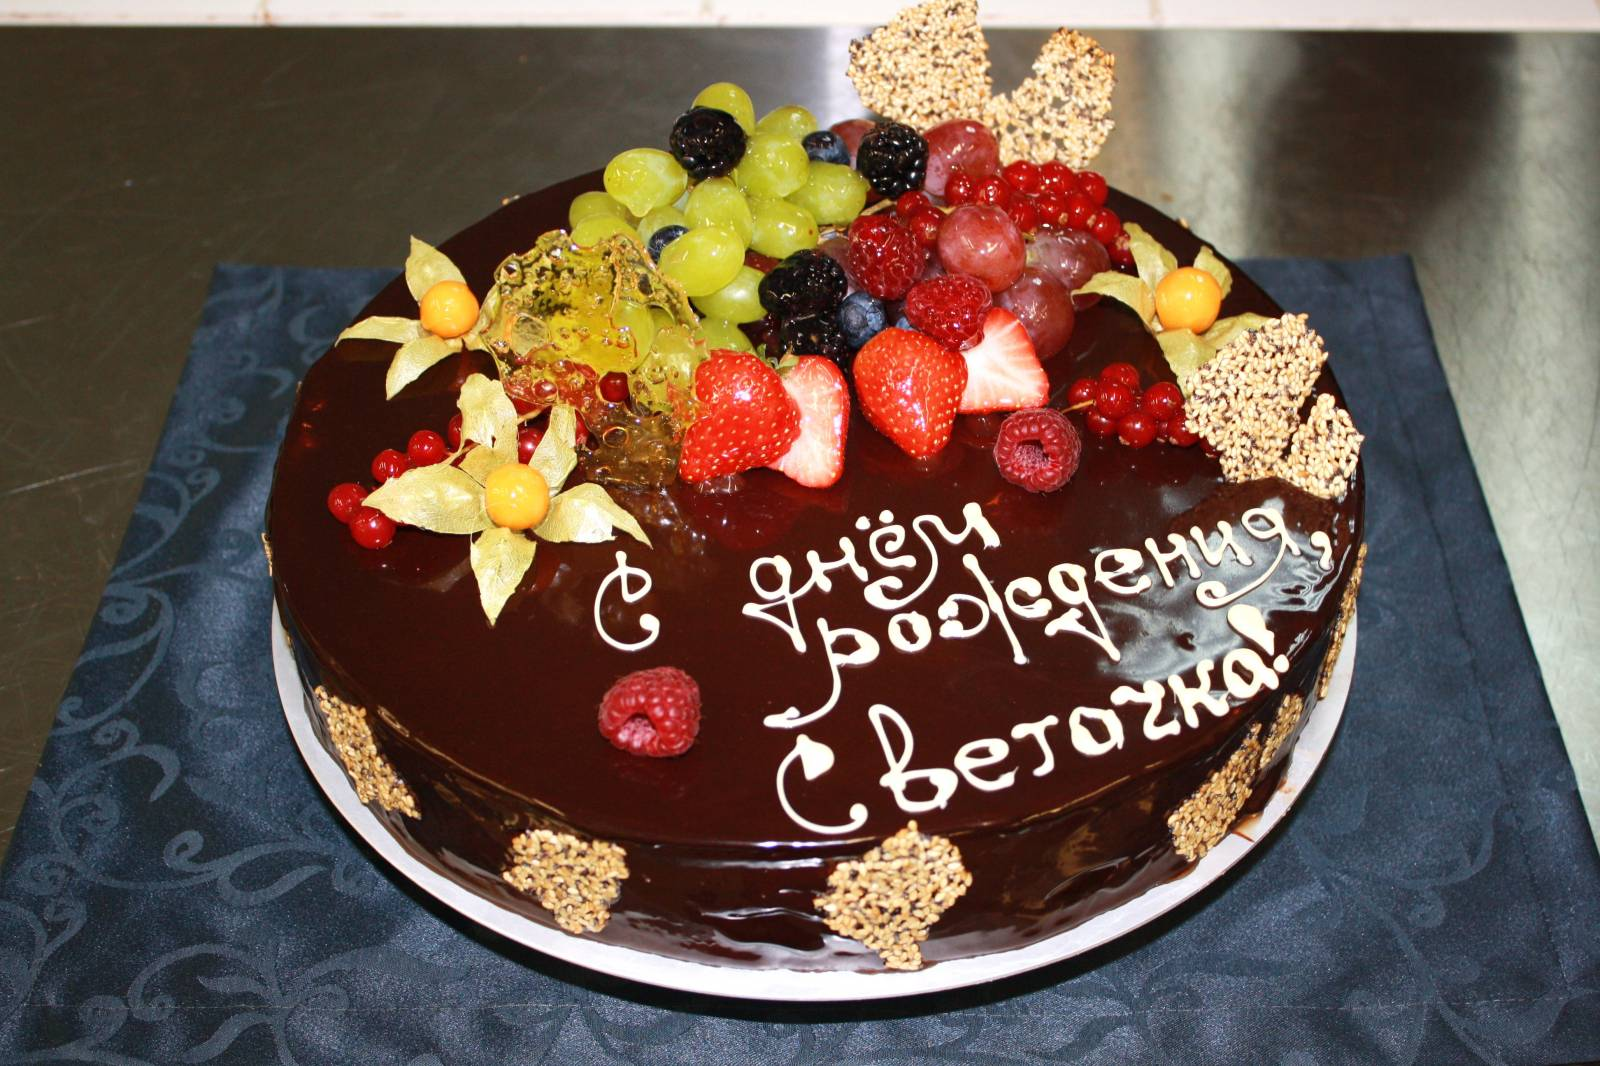 Открытки с днем рождения женщине торты 83